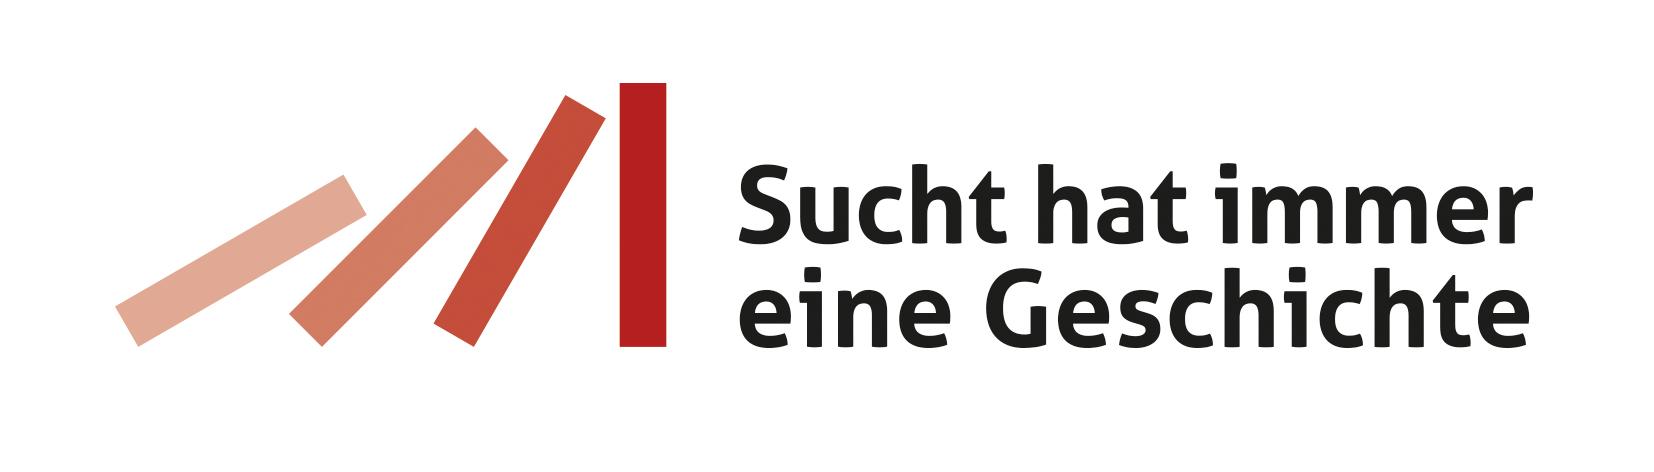 Logo Sucht hat immer eine Geschichte